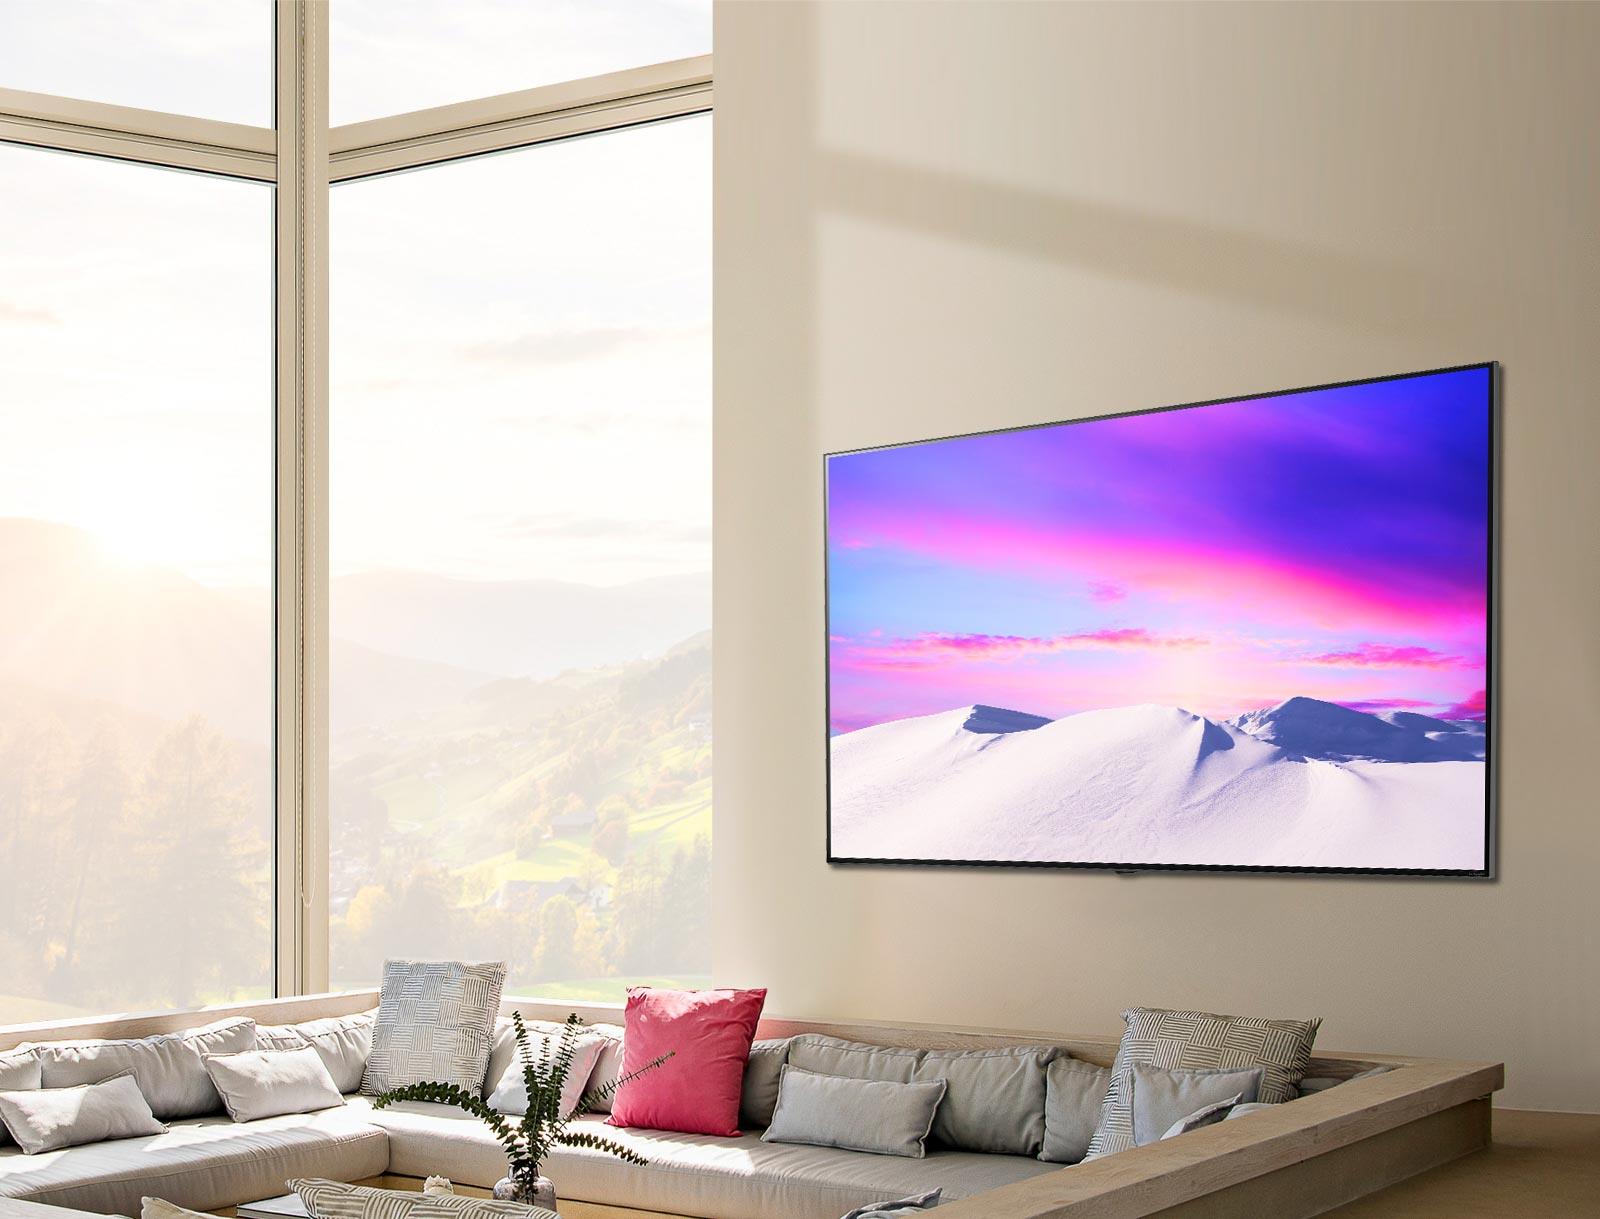 Jelenet, melyben egy nagy, vékony LG NanoCell TV látható a fallal egy vonalba függesztve.